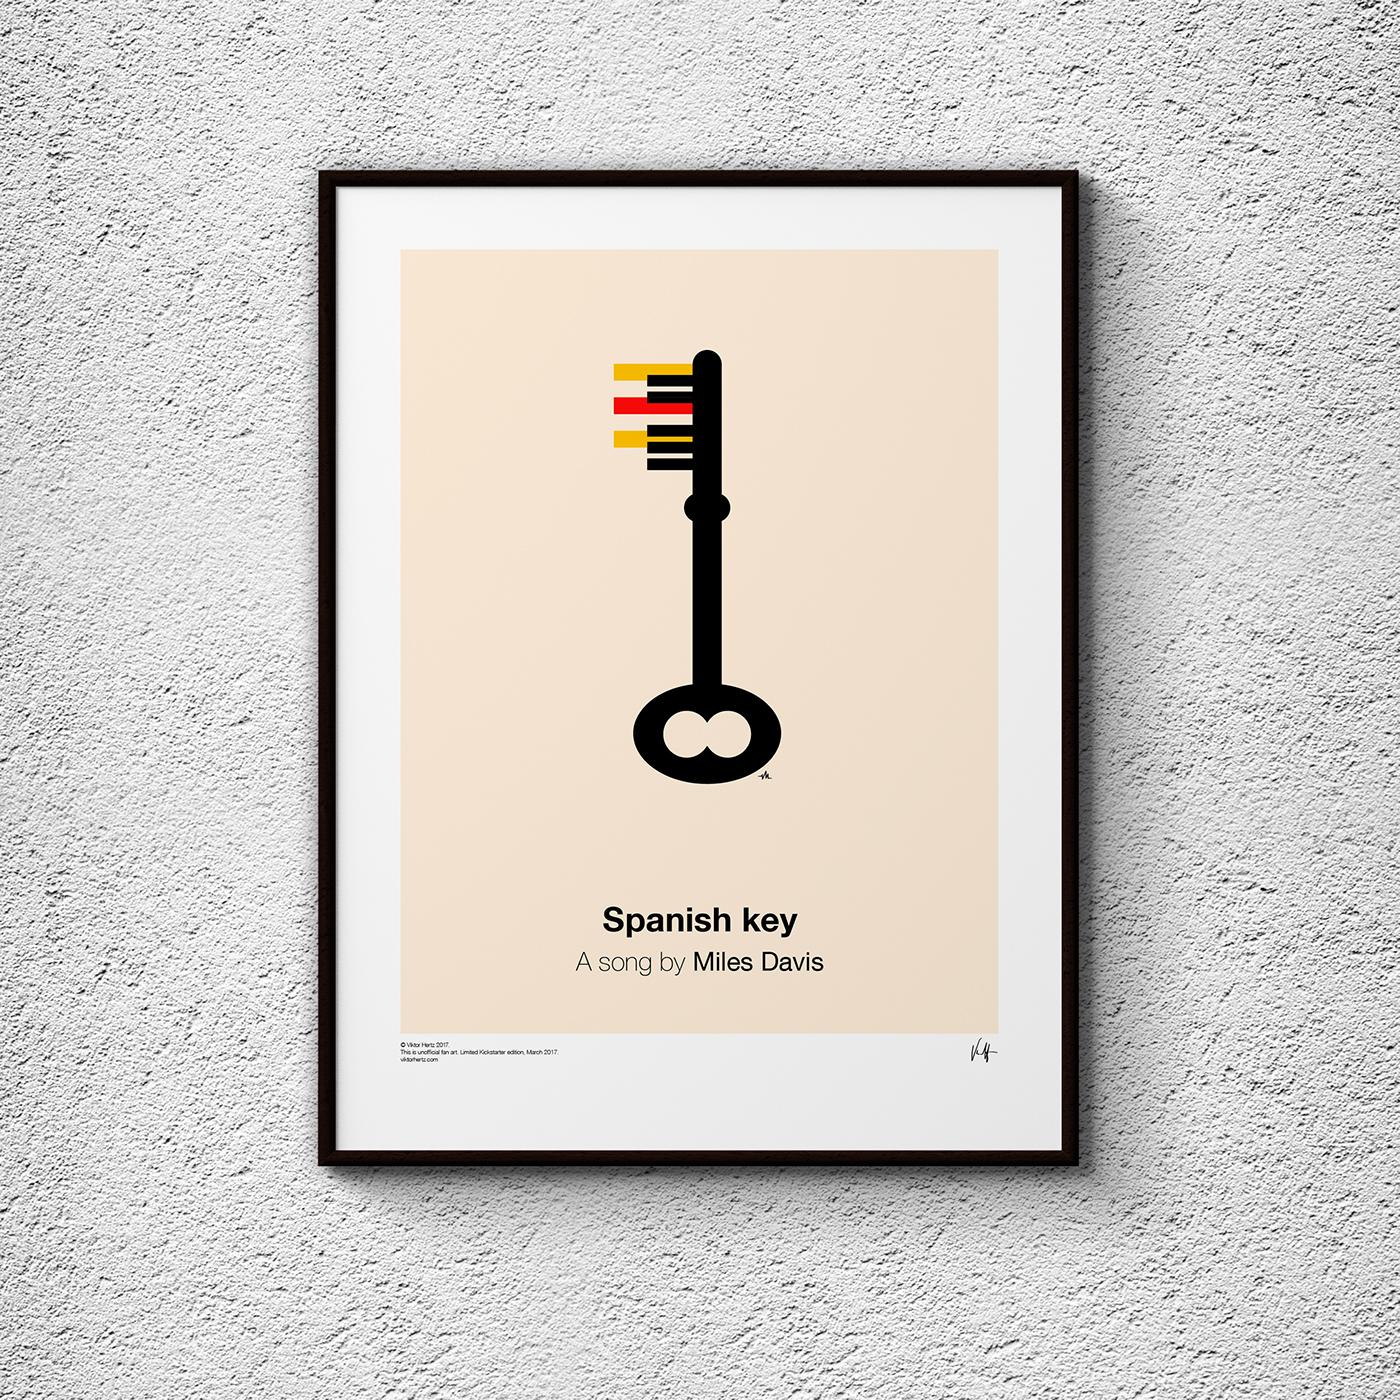 Pictogram Music Posters, los posters inspirados en la música, Viktor Hertz, (Suecia), 2017